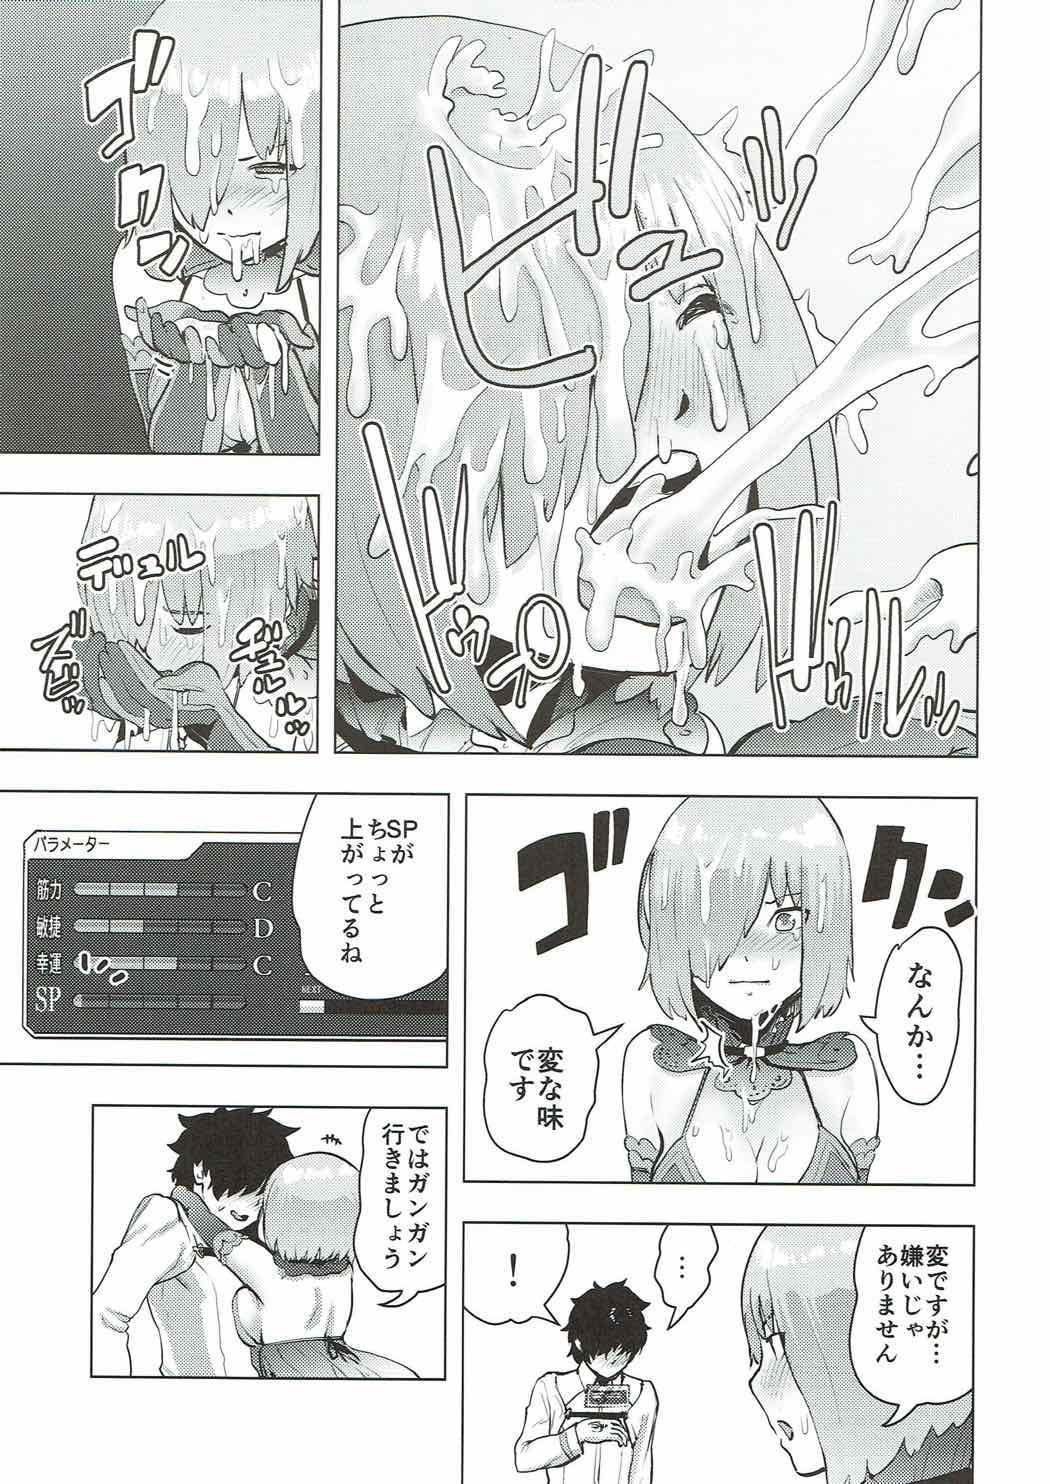 Mash to Ecchi na Tanebi Quest 11